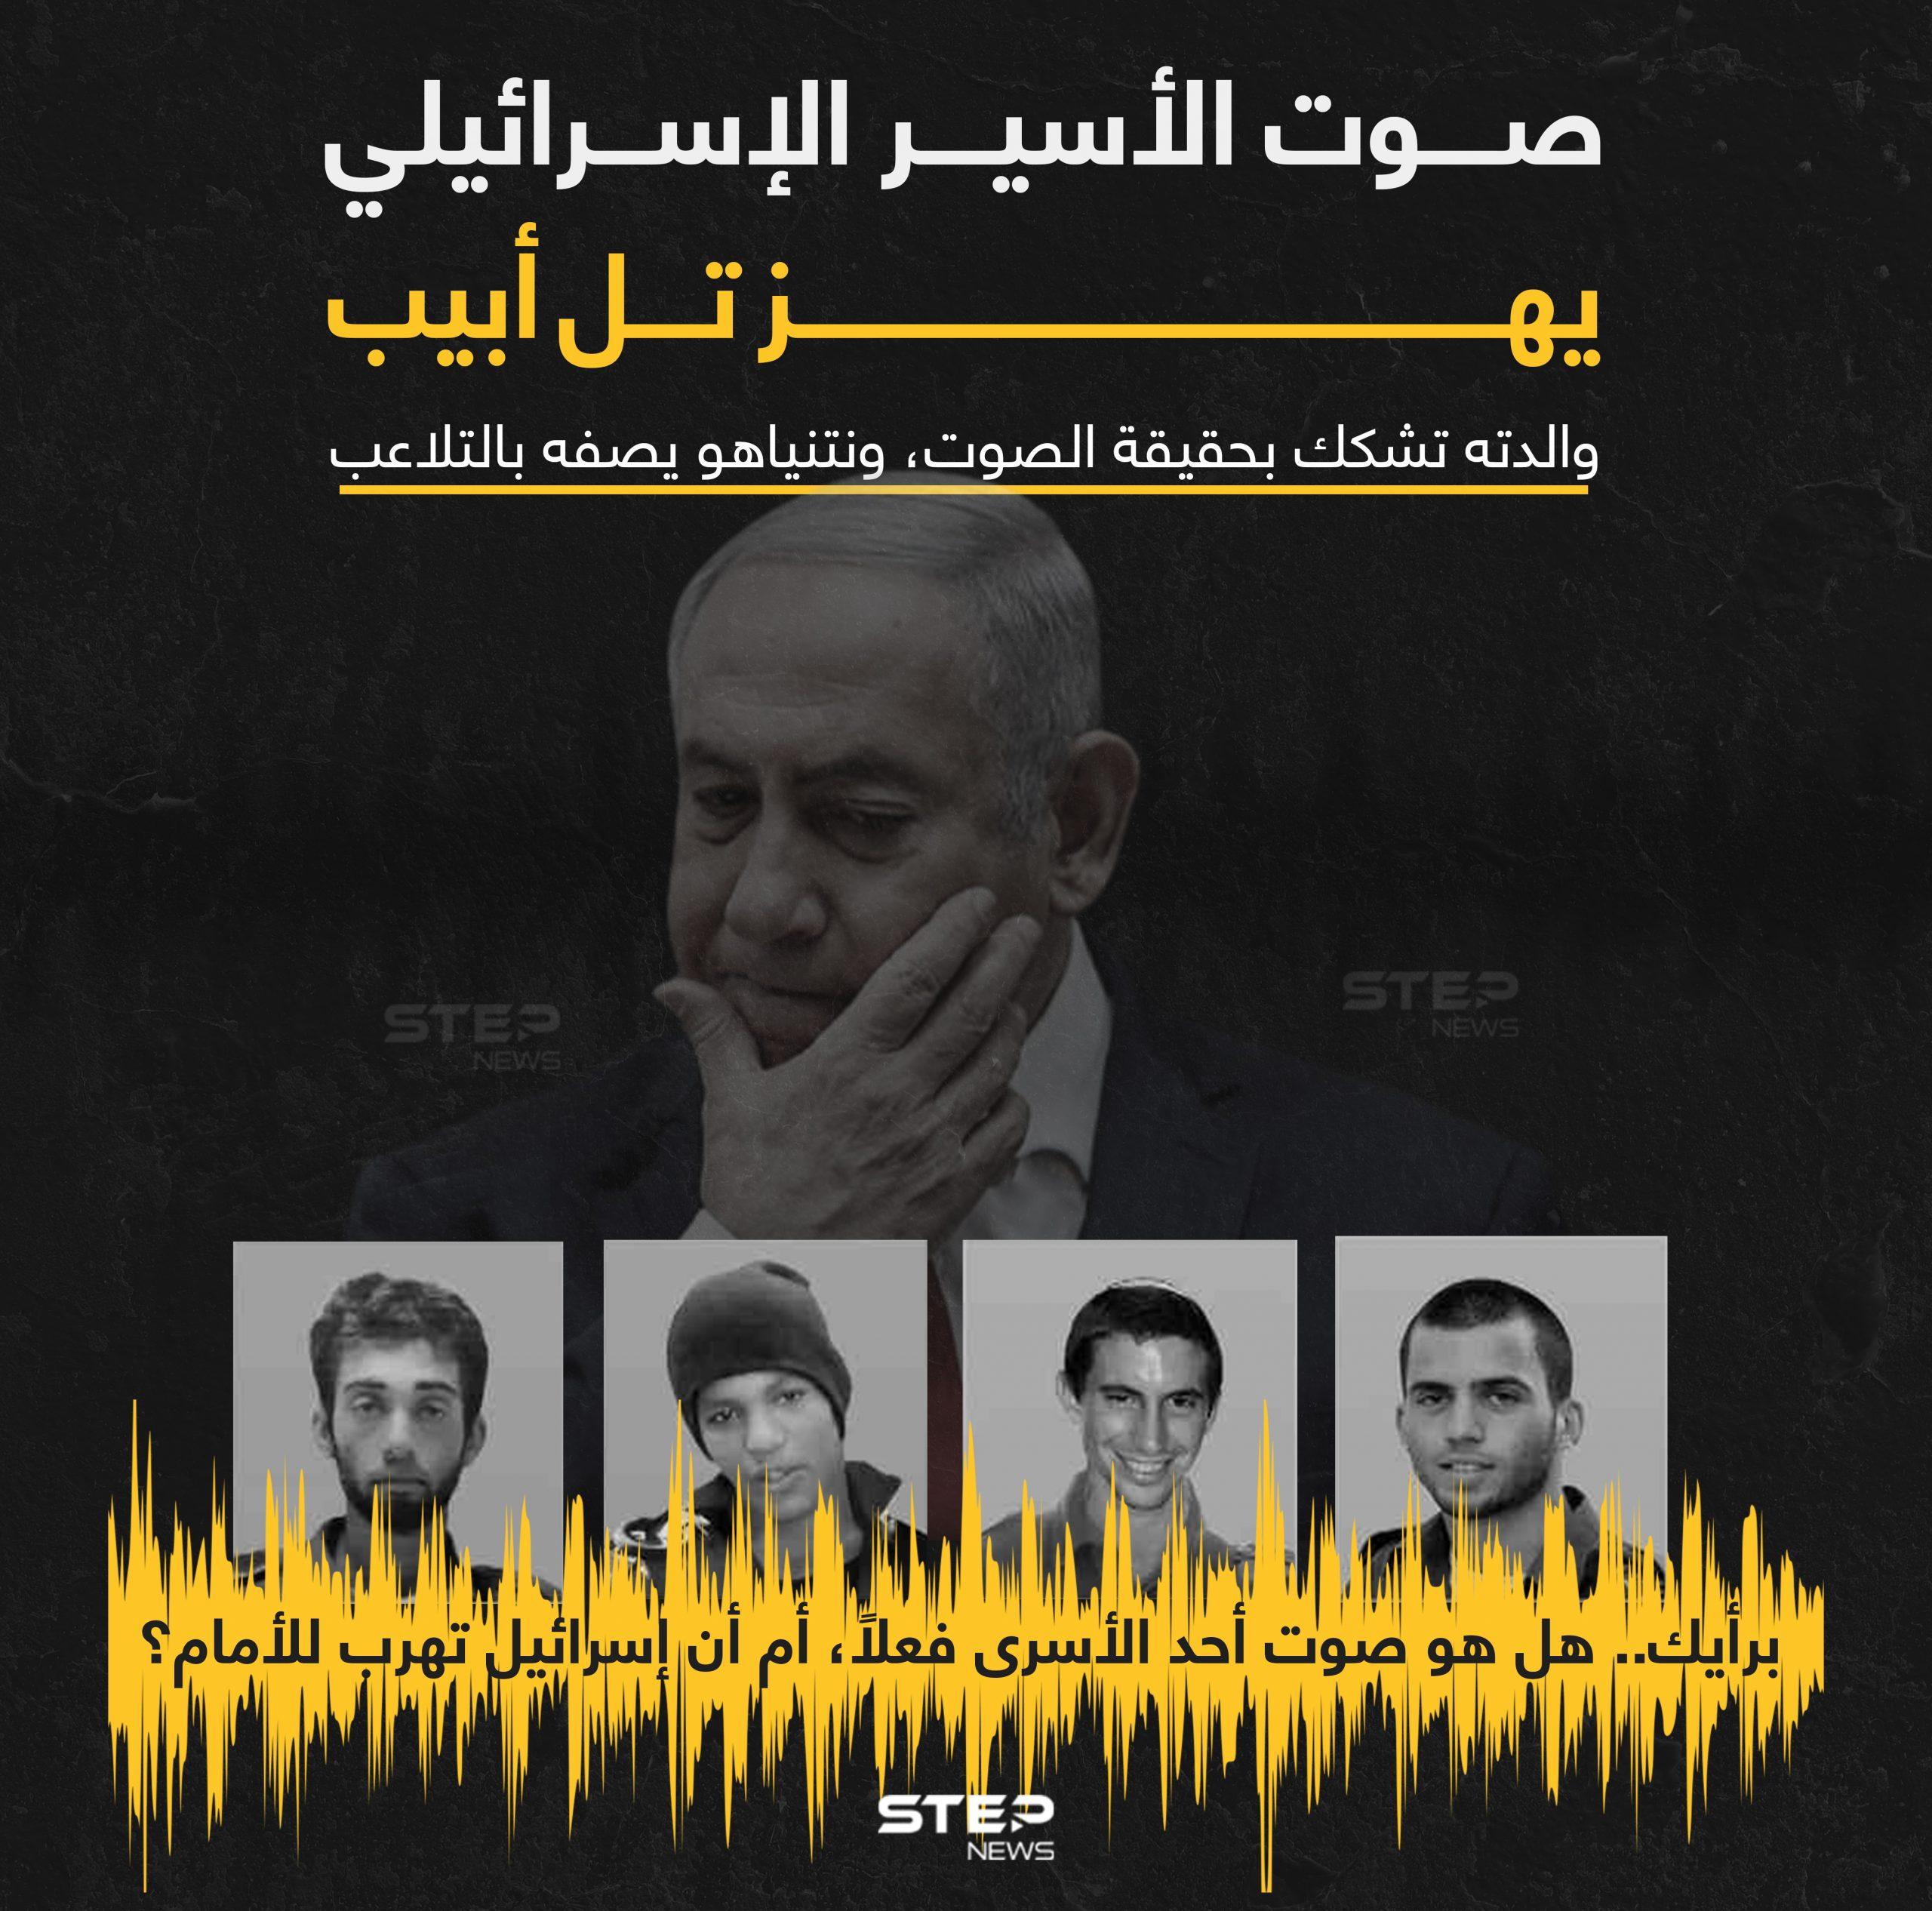 """تسجيل صوتي لأسير إسرائيلي تبثه """"قسام"""" يثير ضجة في الوسط الإسرائيلي."""